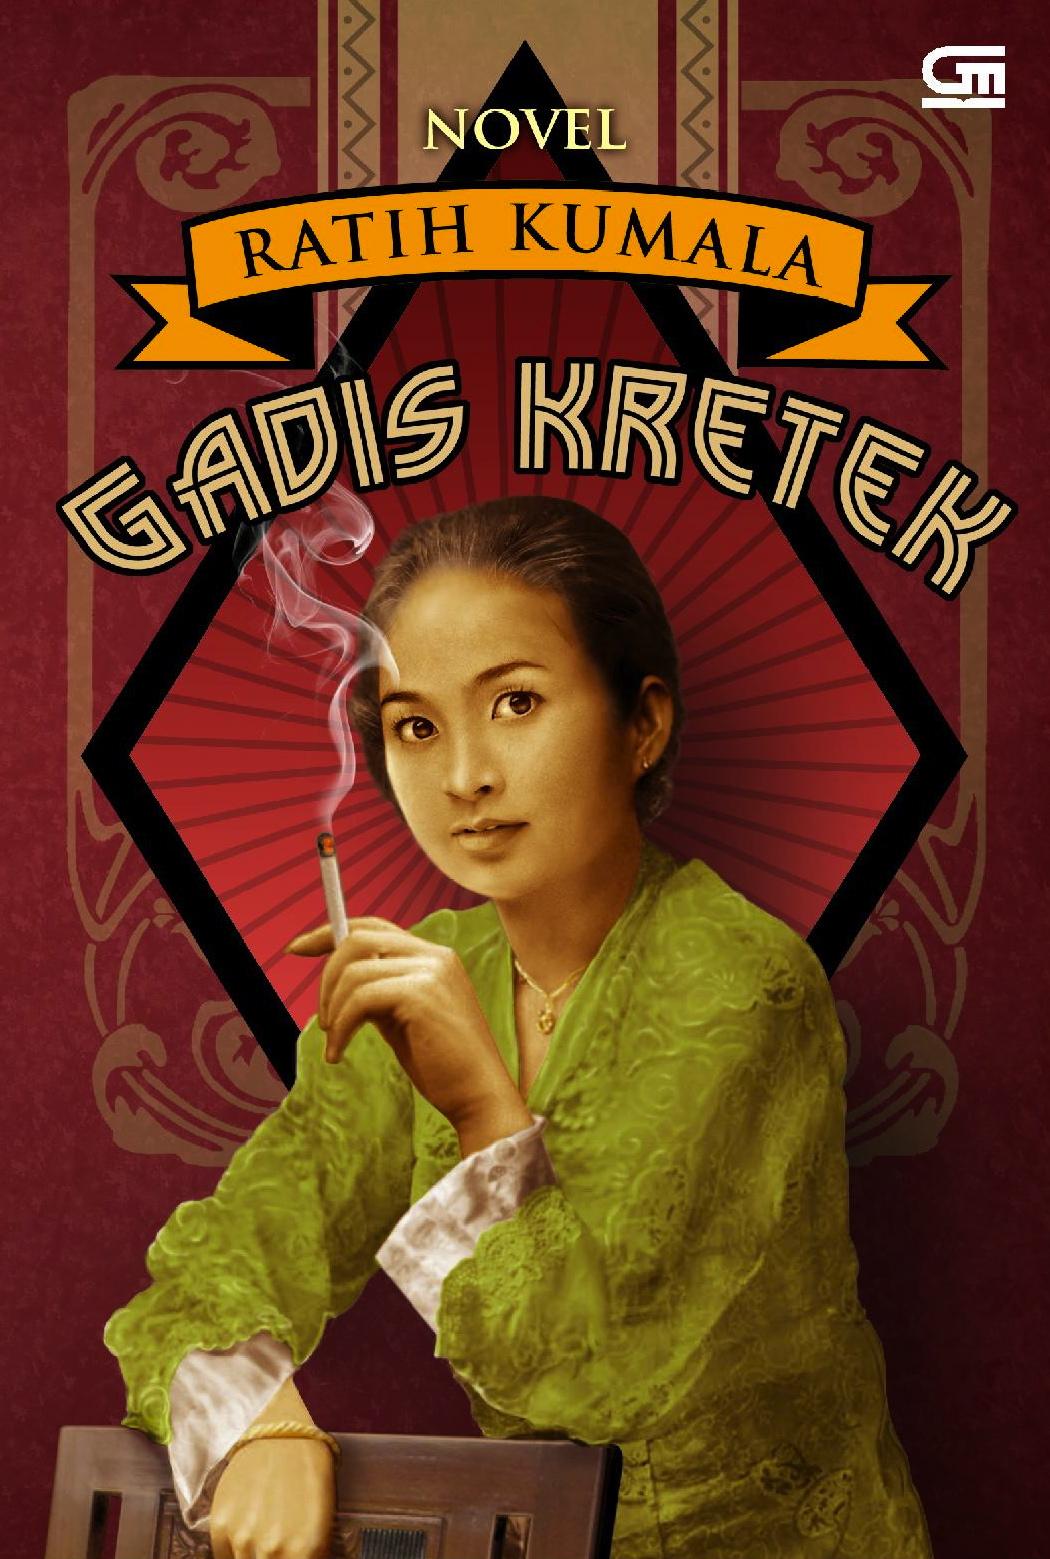 Sumber gambar : http://bukuygkubaca.blogspot.co.id/2012/05/gadis-kretek-draft.html